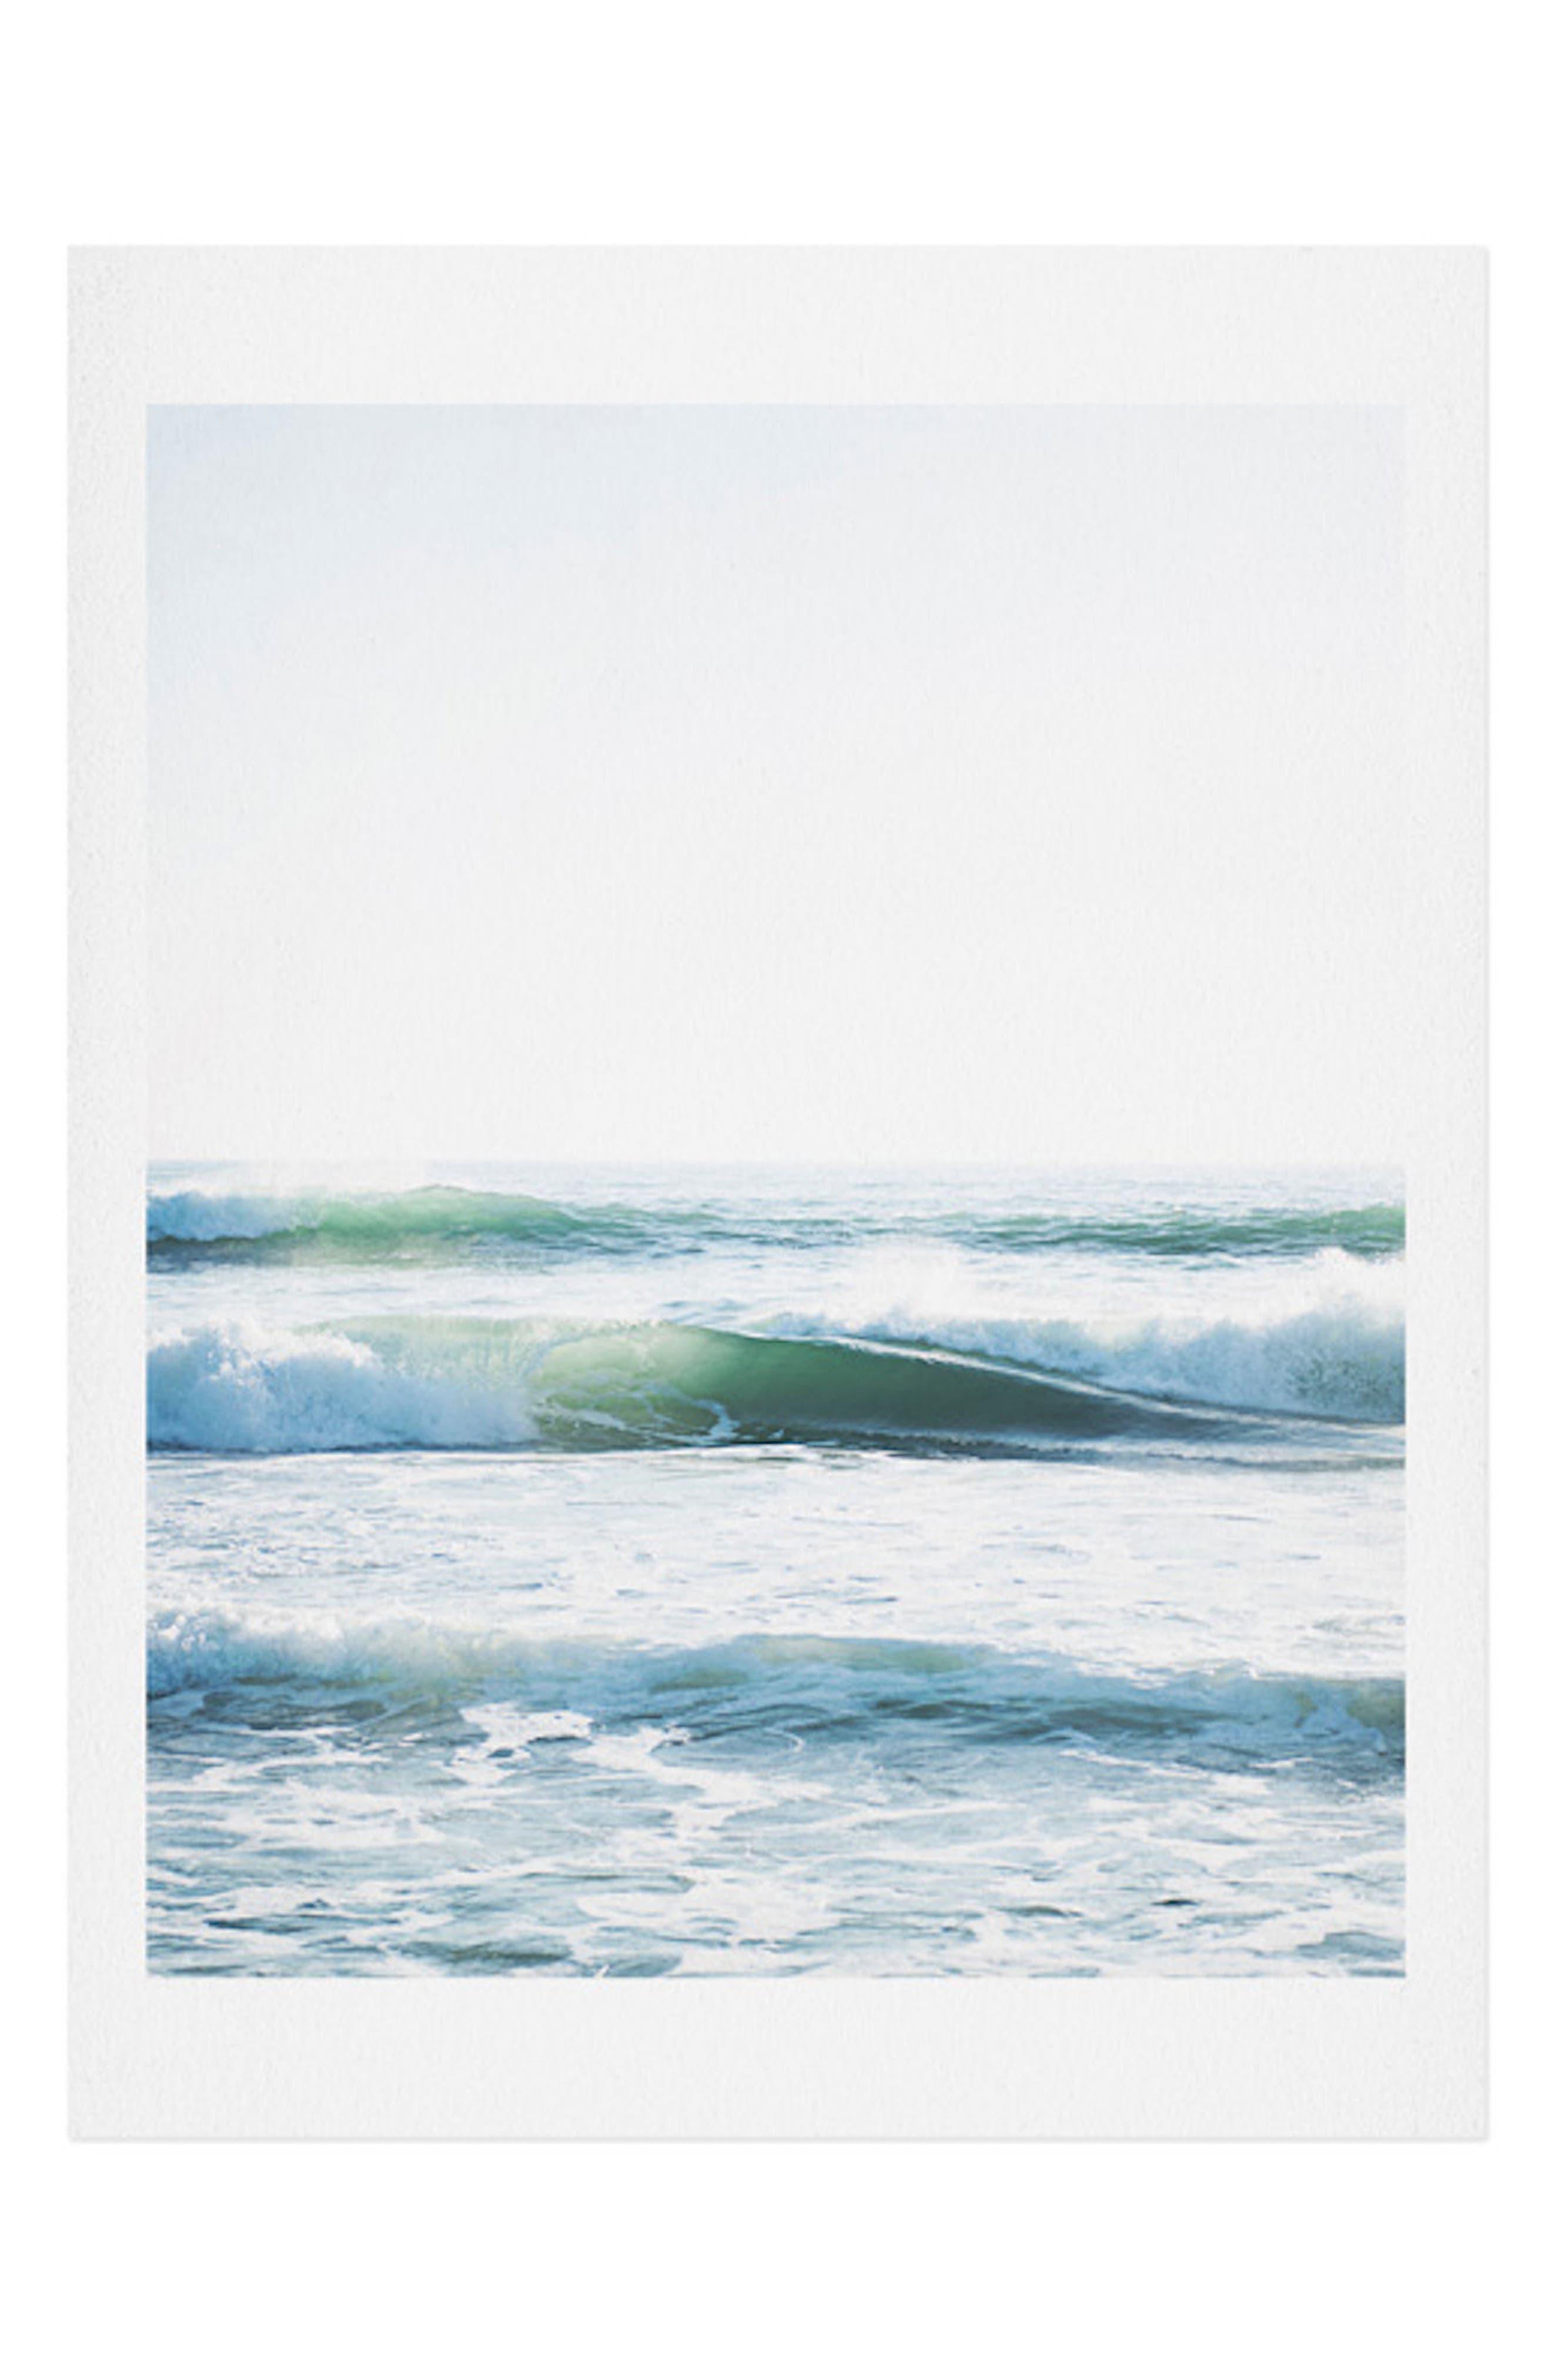 DENY DESIGNS, Bree Madden - Ride Waves Art Print, Main thumbnail 1, color, BLUE